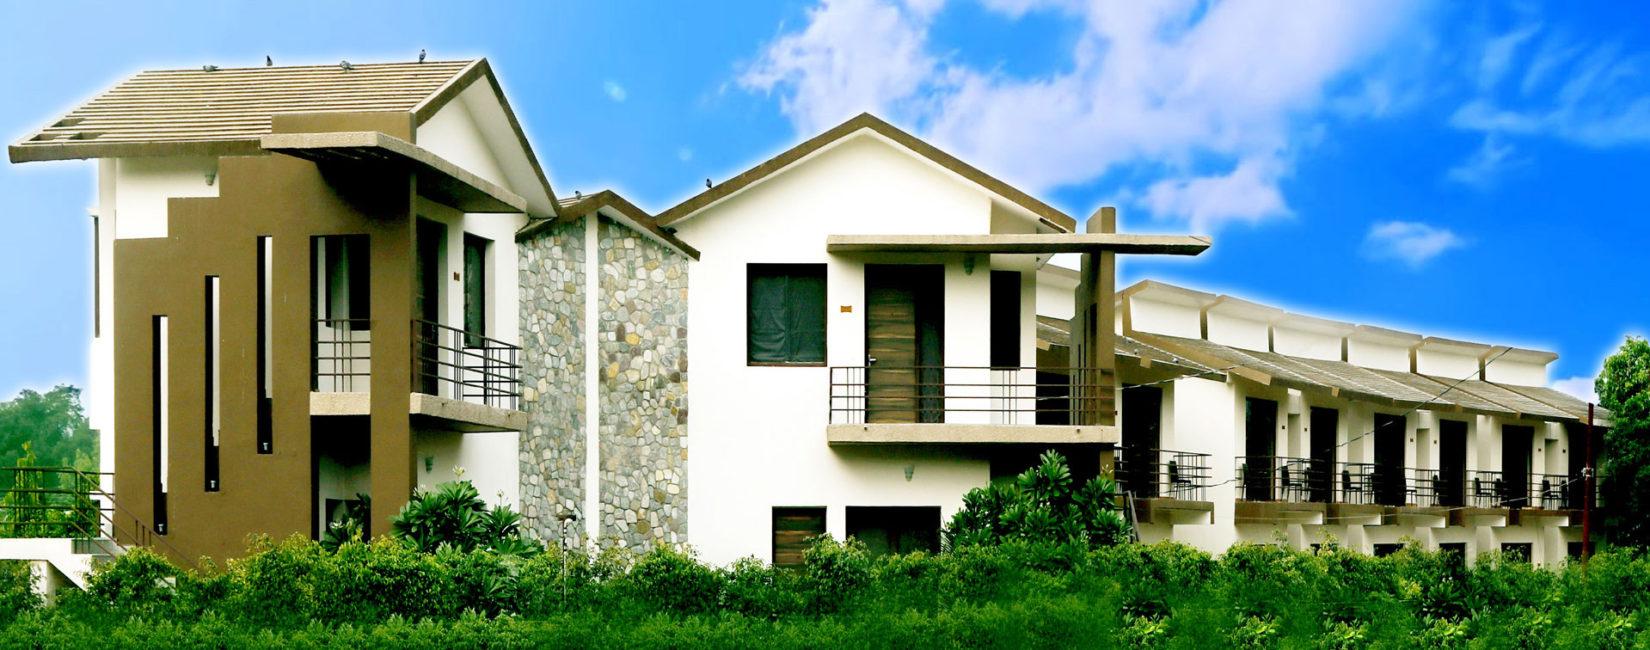 Corbett Panorama Resort -  3 1650x650